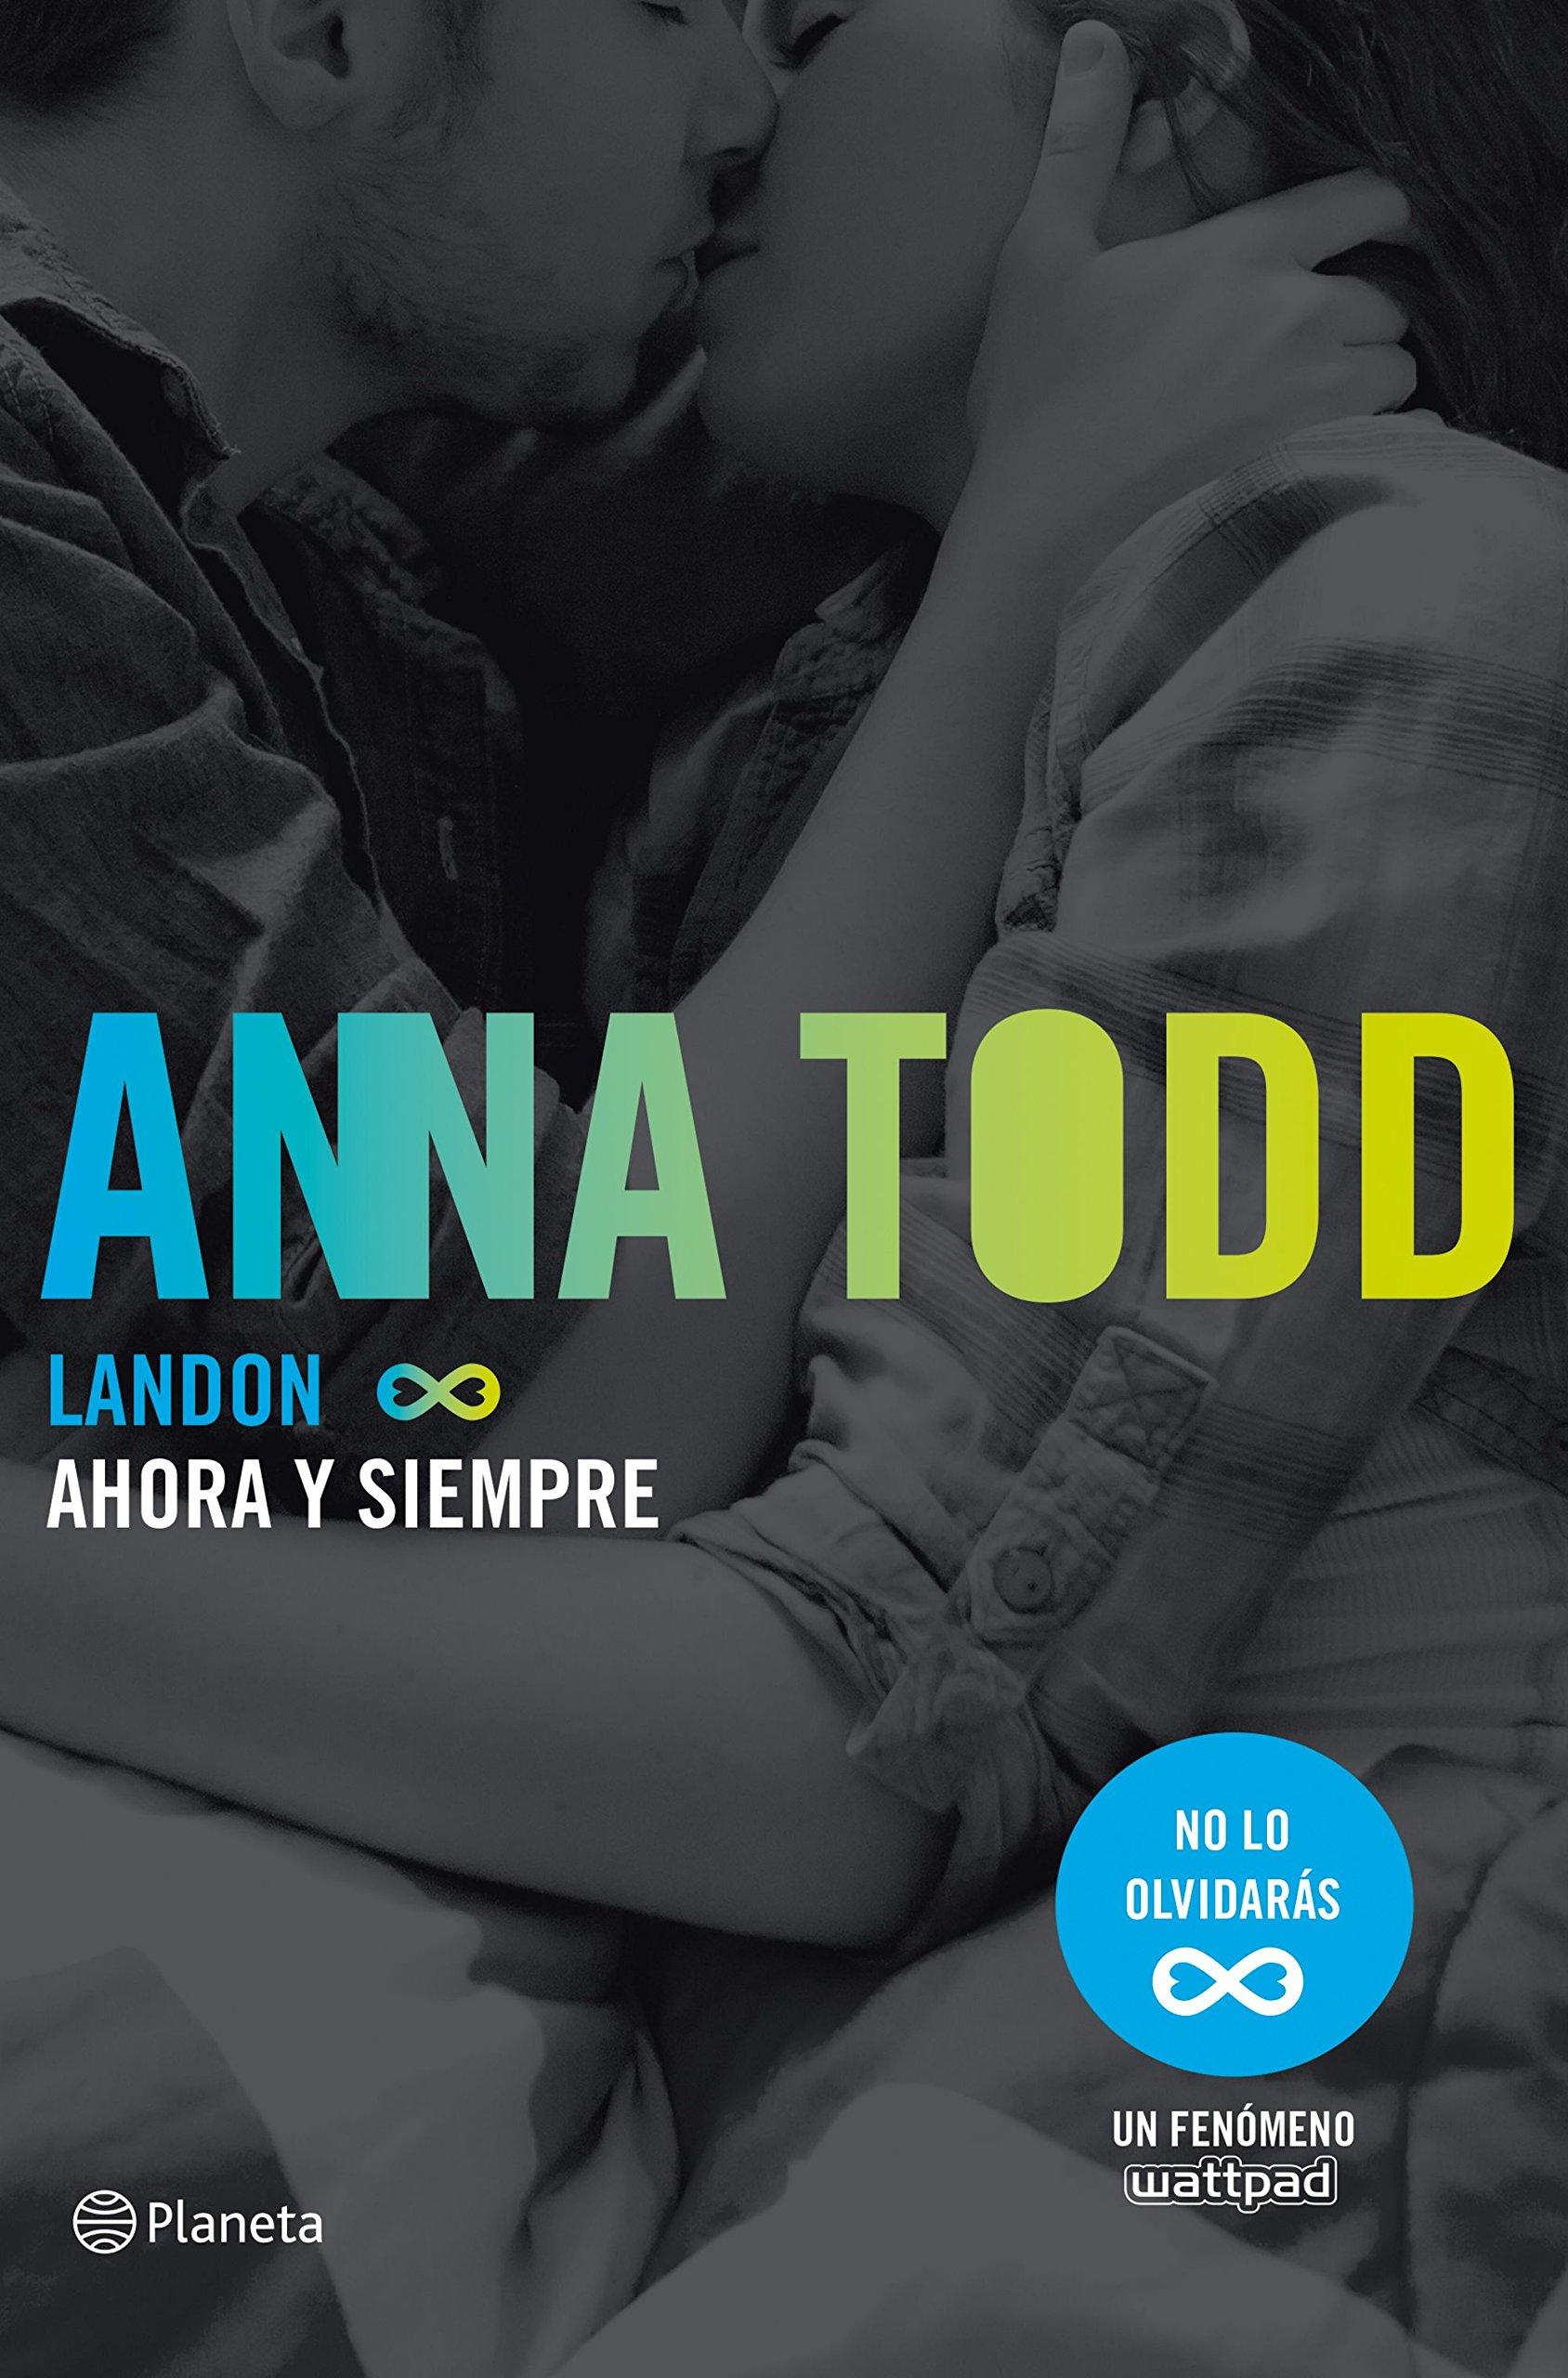 Landon Ahora Y Siempre Planeta Internacional Spanish Edition Todd Anna Traducciones Imposibles S L 9788408163039 Books